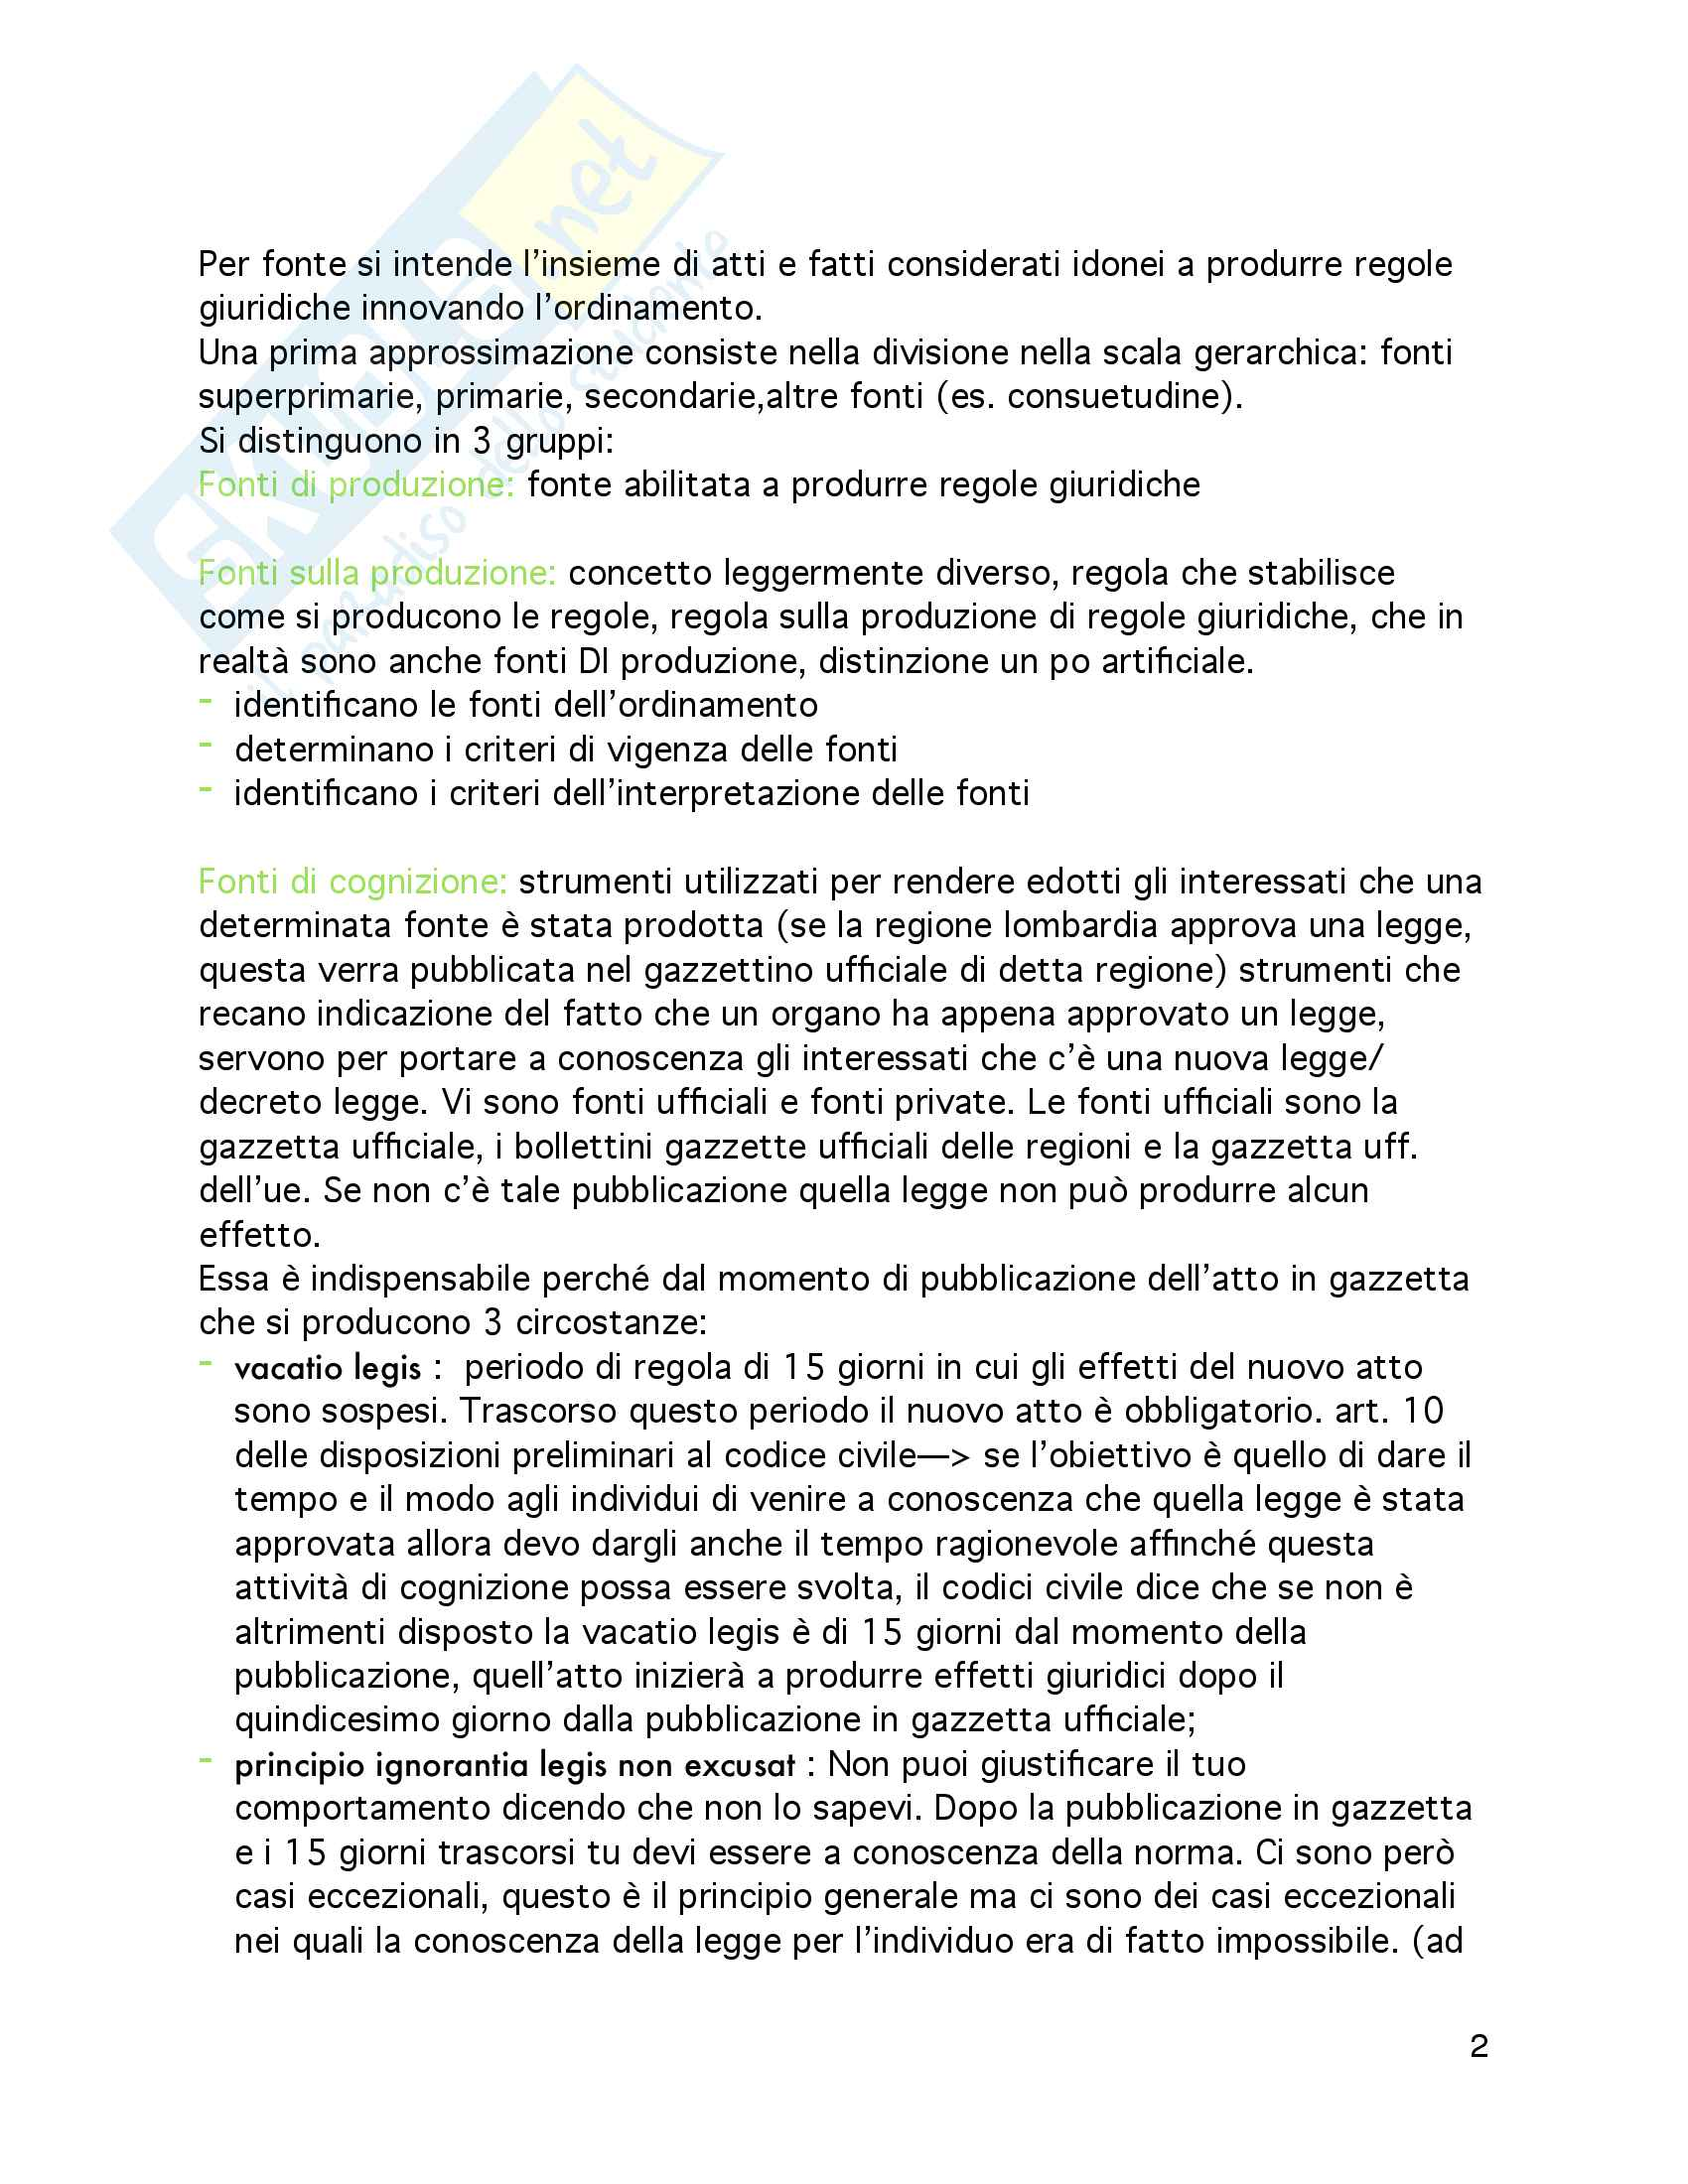 2 Parziale diritto pubblico Pag. 2